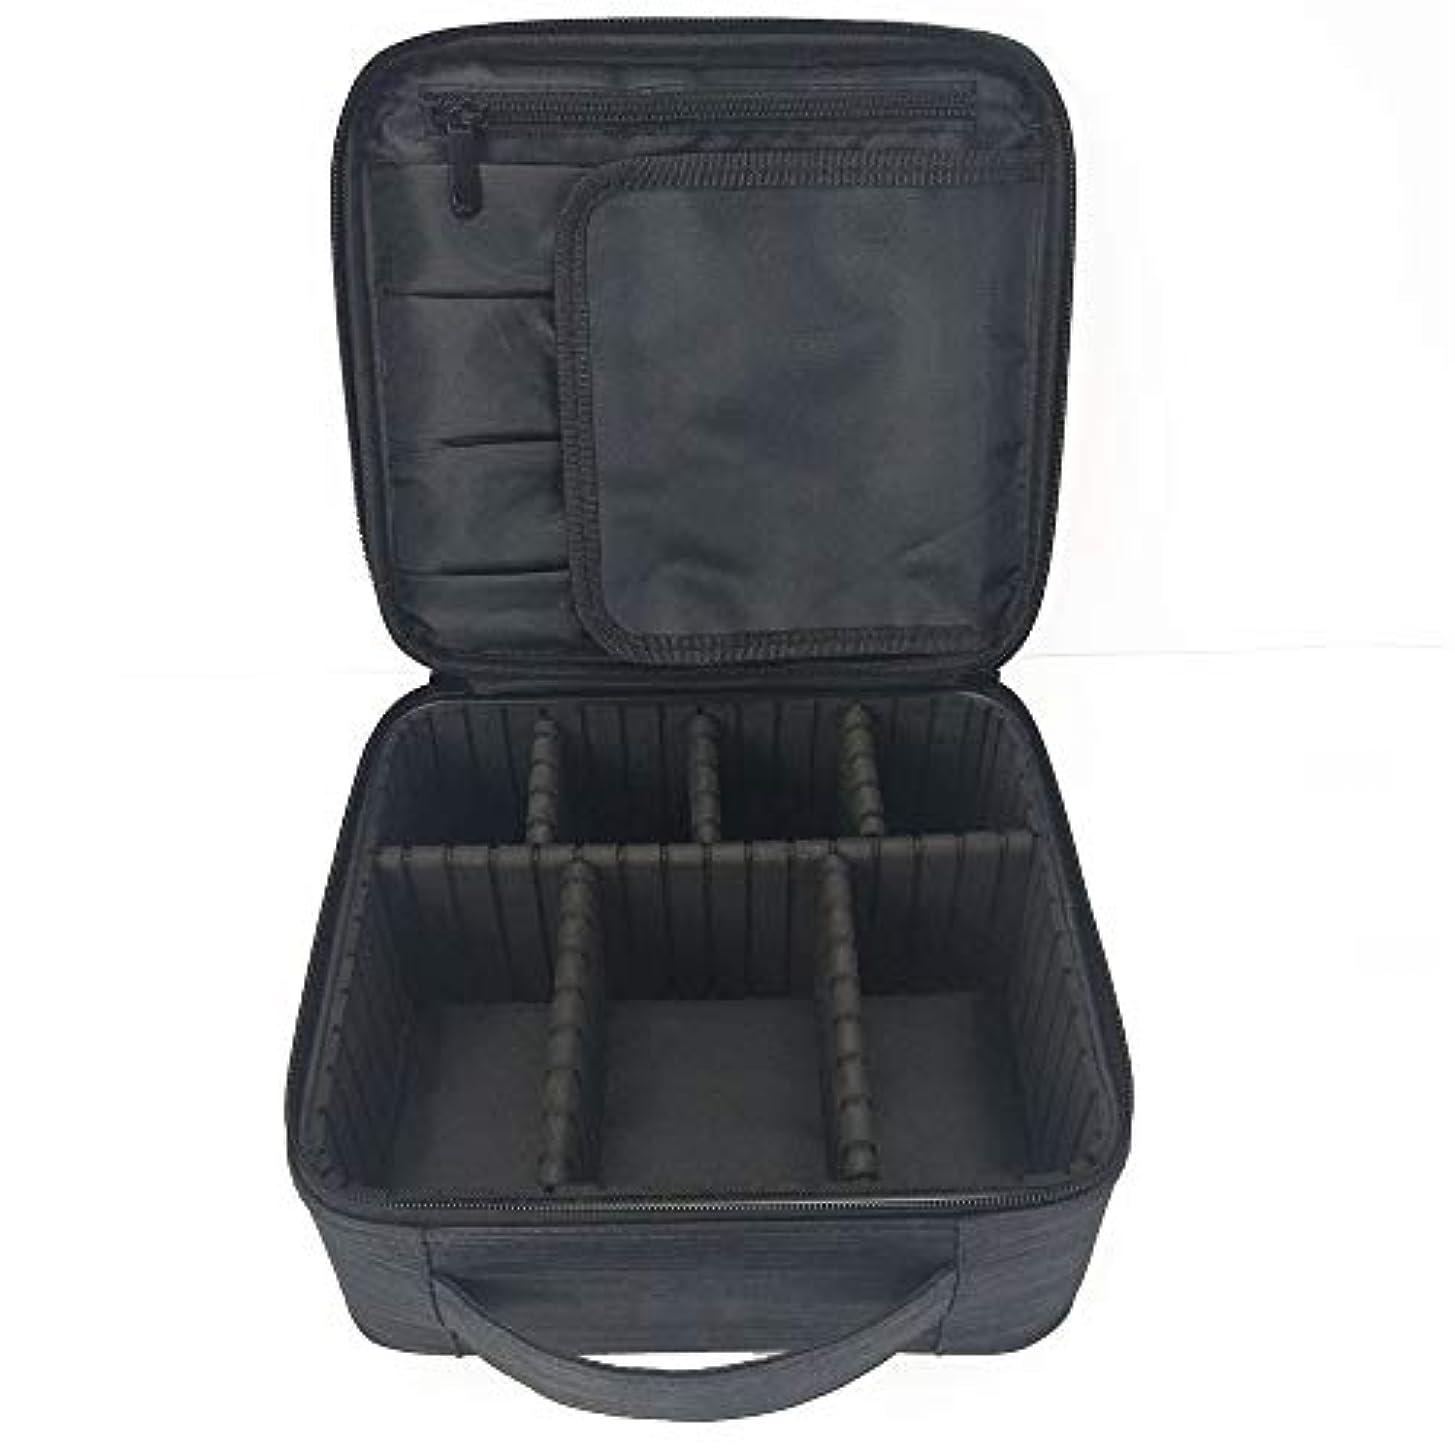 化粧オーガナイザーバッグ 調整可能な仕切り付き防水メイクアップバッグ旅行化粧ケースブラシホルダー 化粧品ケース